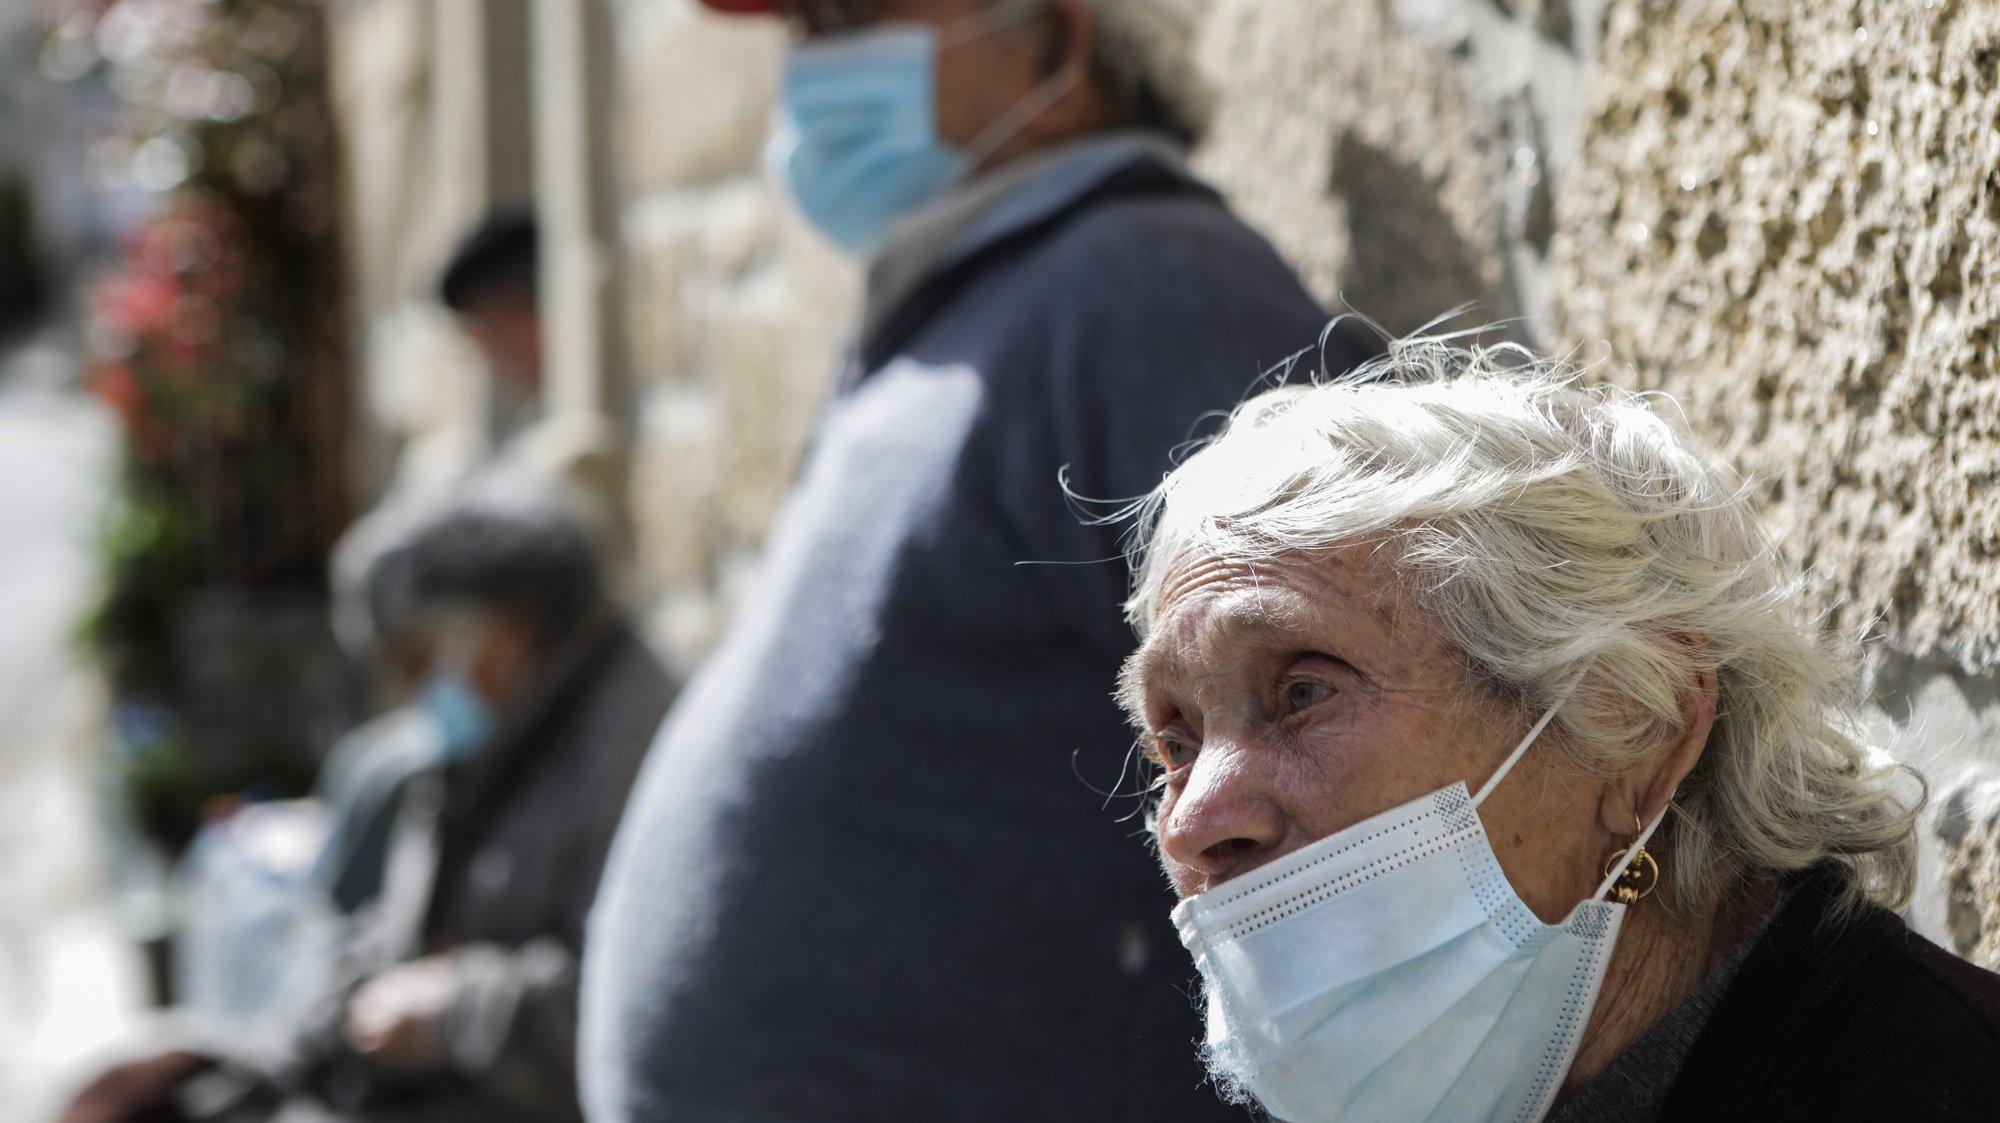 """Briolanja, habitante da aldeia de Matela, já foi vacinada contra a covid-19 no Centro de Saúde de Fornos de Algodres, 12 de março de 2021. Idosos residentes em Penalva do Castelo, distrito de Viseu, e Fornos de Algodres, distrito da Guarda, encaram a vacinação como forma de combater a """"guerra"""" que o mundo trava contra a covid-19. (ACOMPANHA TEXTO DA LUSA DO DIA 27 DE MARÇO DE 2021). MIGUEL PEREIRA DA SILVA/LUSA"""